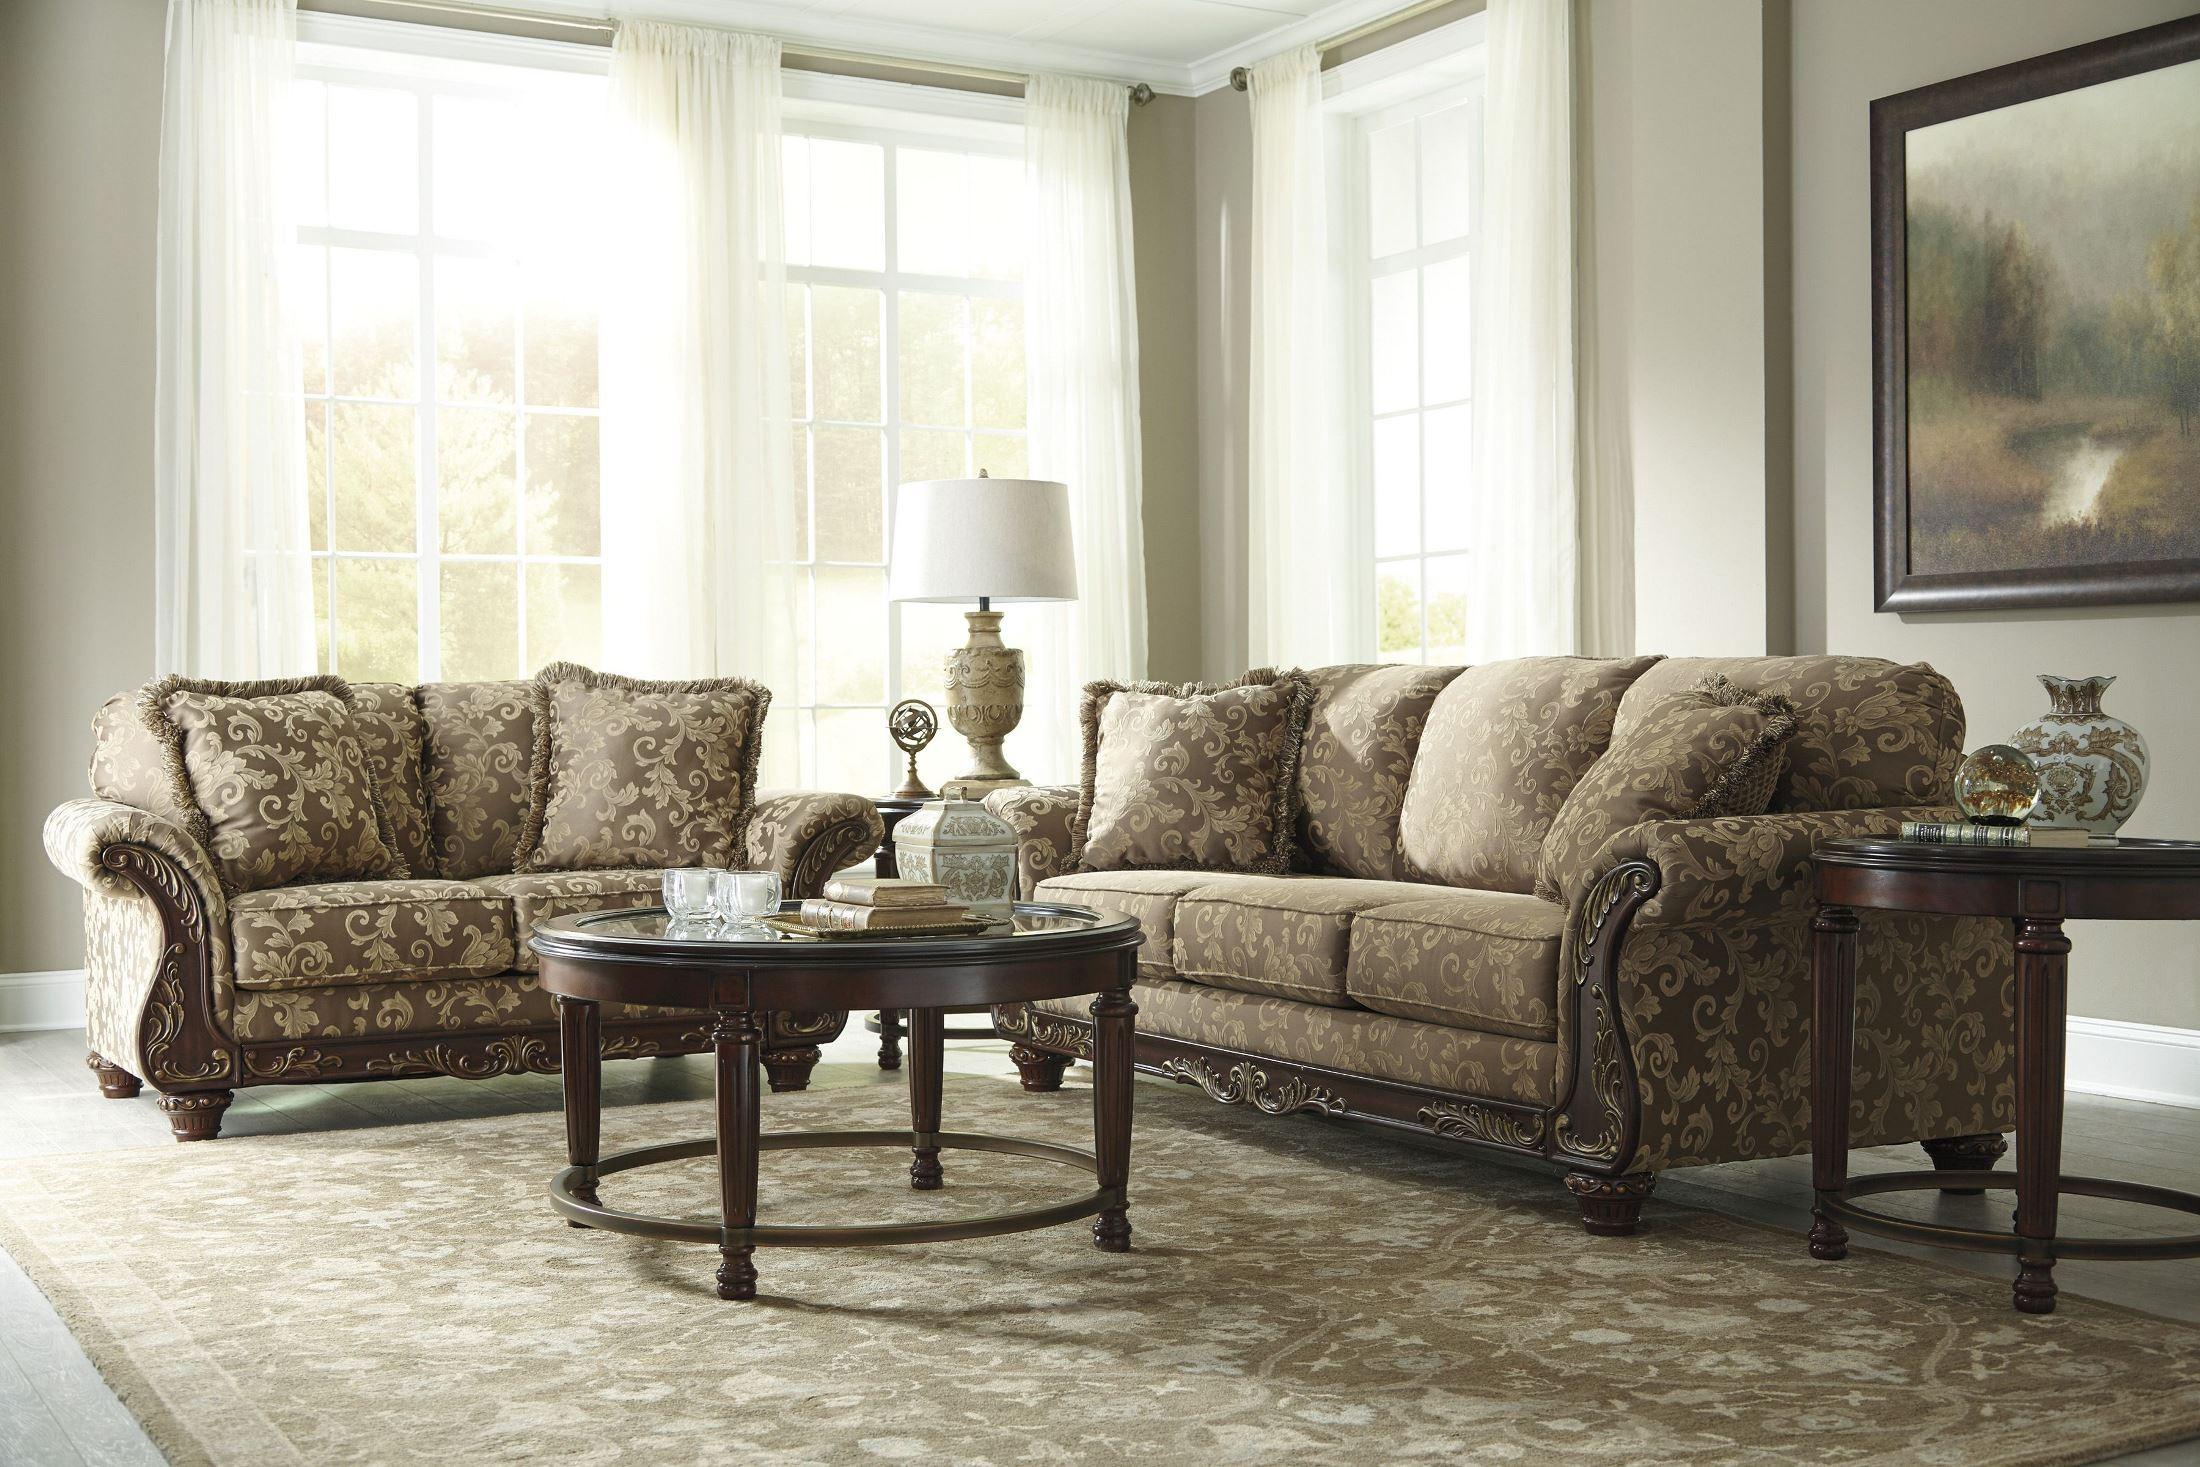 reviews furniture set wayfair pdx piece livings peak poythress room loon living